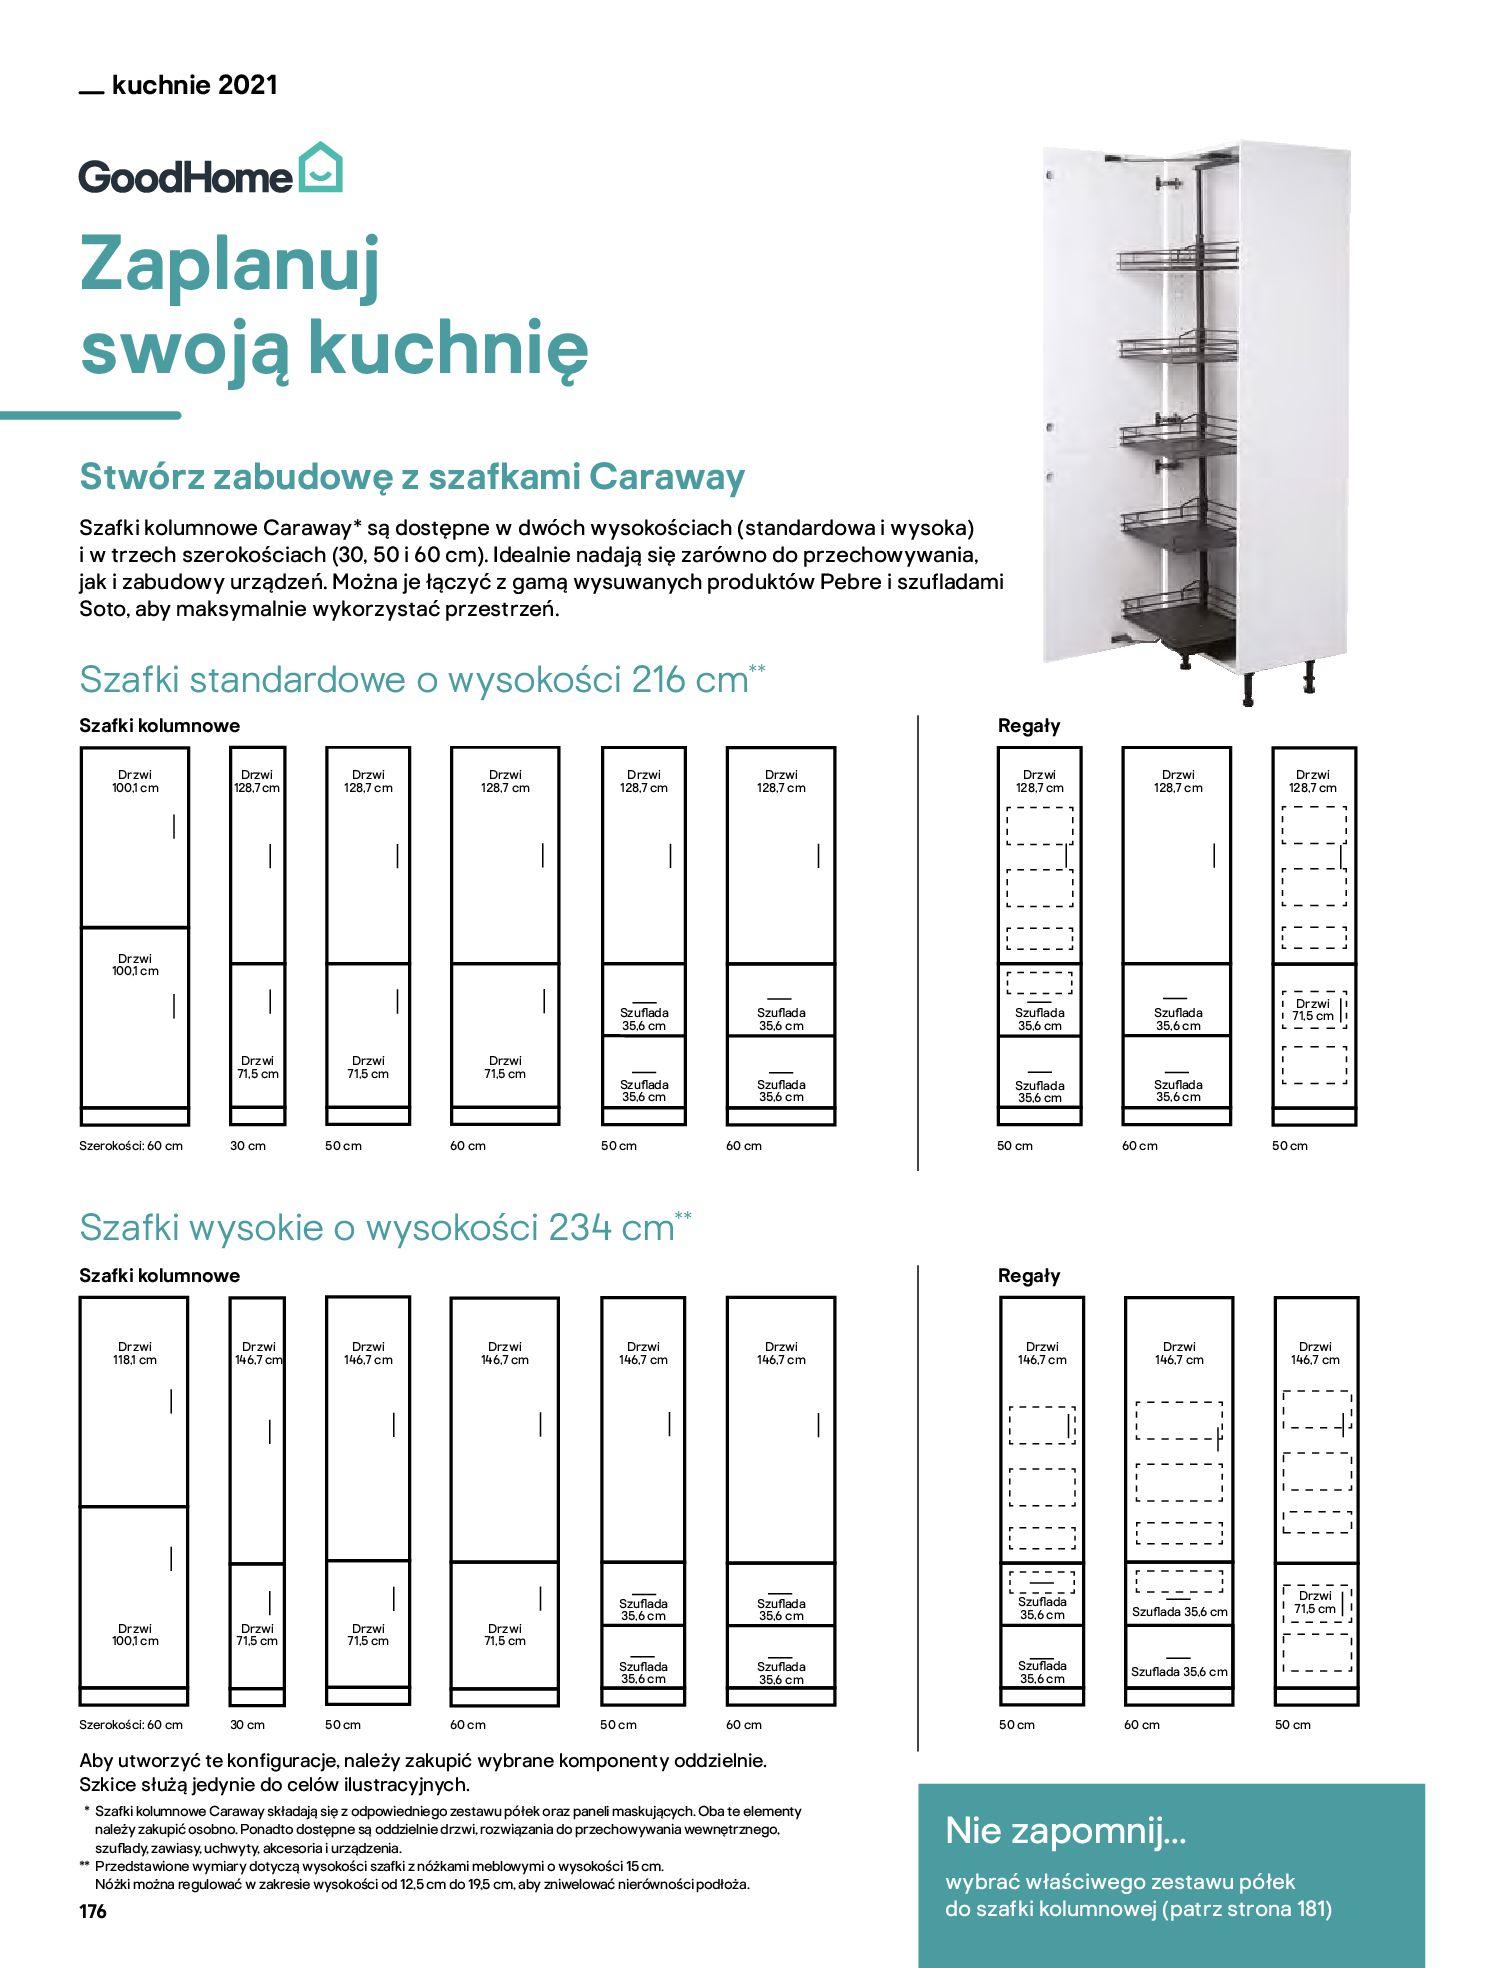 Gazetka Castorama: Katalog kuchnie 2021 2021-05-04 page-176